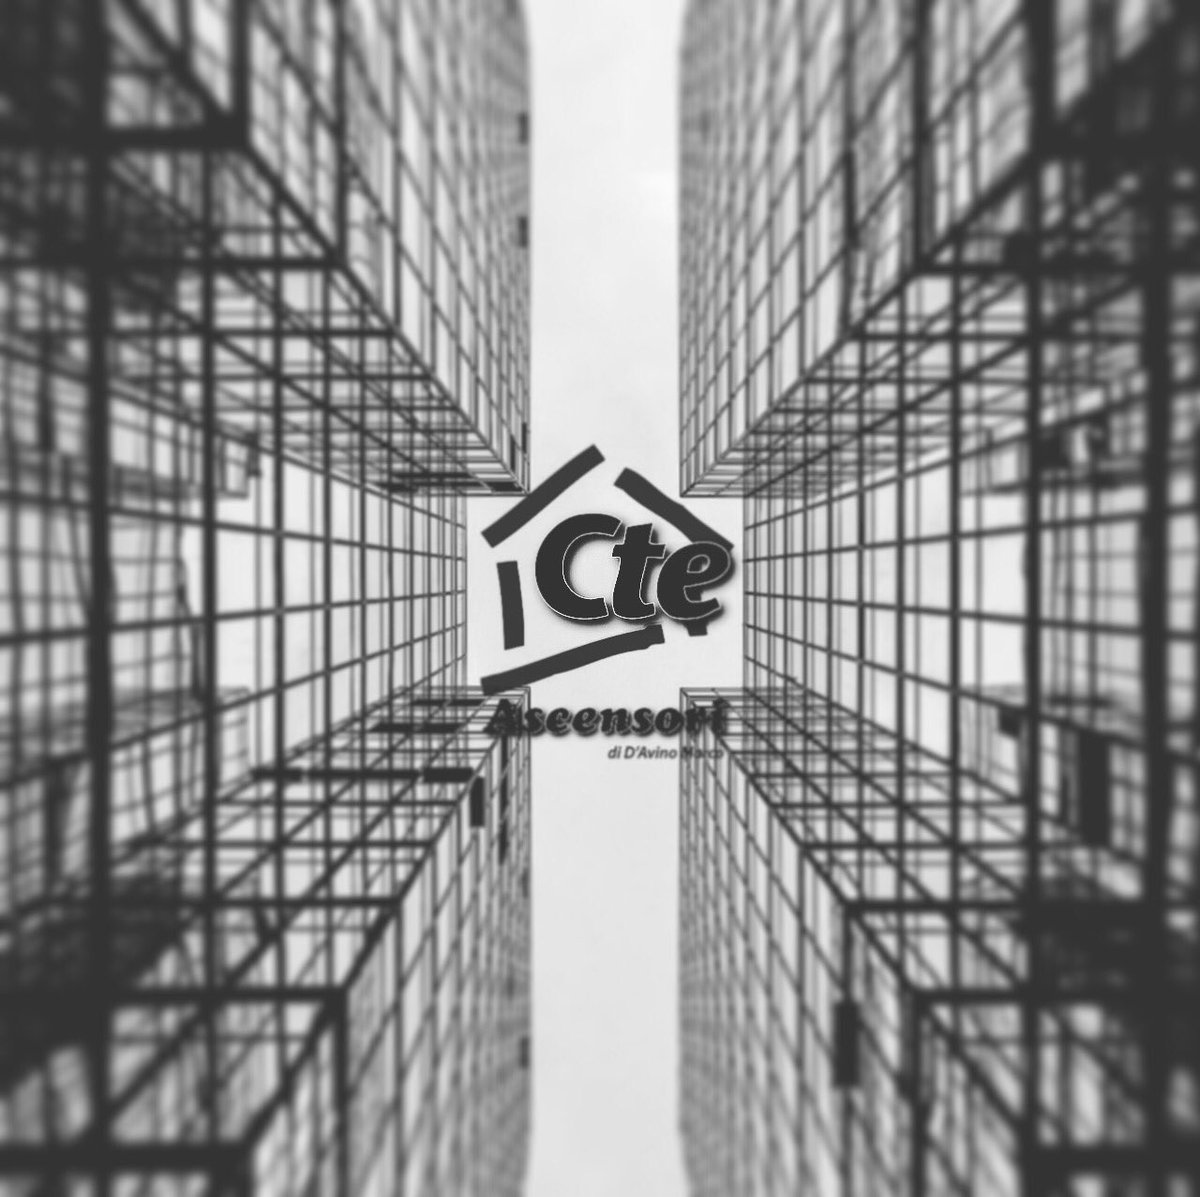 Reperibilità #h24 #ascensori #lift #piattaformeelevatrici #verona  #vicenza #veneto #preventivigratuiti #ristrutturazioni #manutenzioni #nuoveinstallazioni #verificheperiodiche #sicurezzasullavoro #architecture #engeneeringcteascensori@gmail.com  http:// www.cteascensori.it  - Ukustom